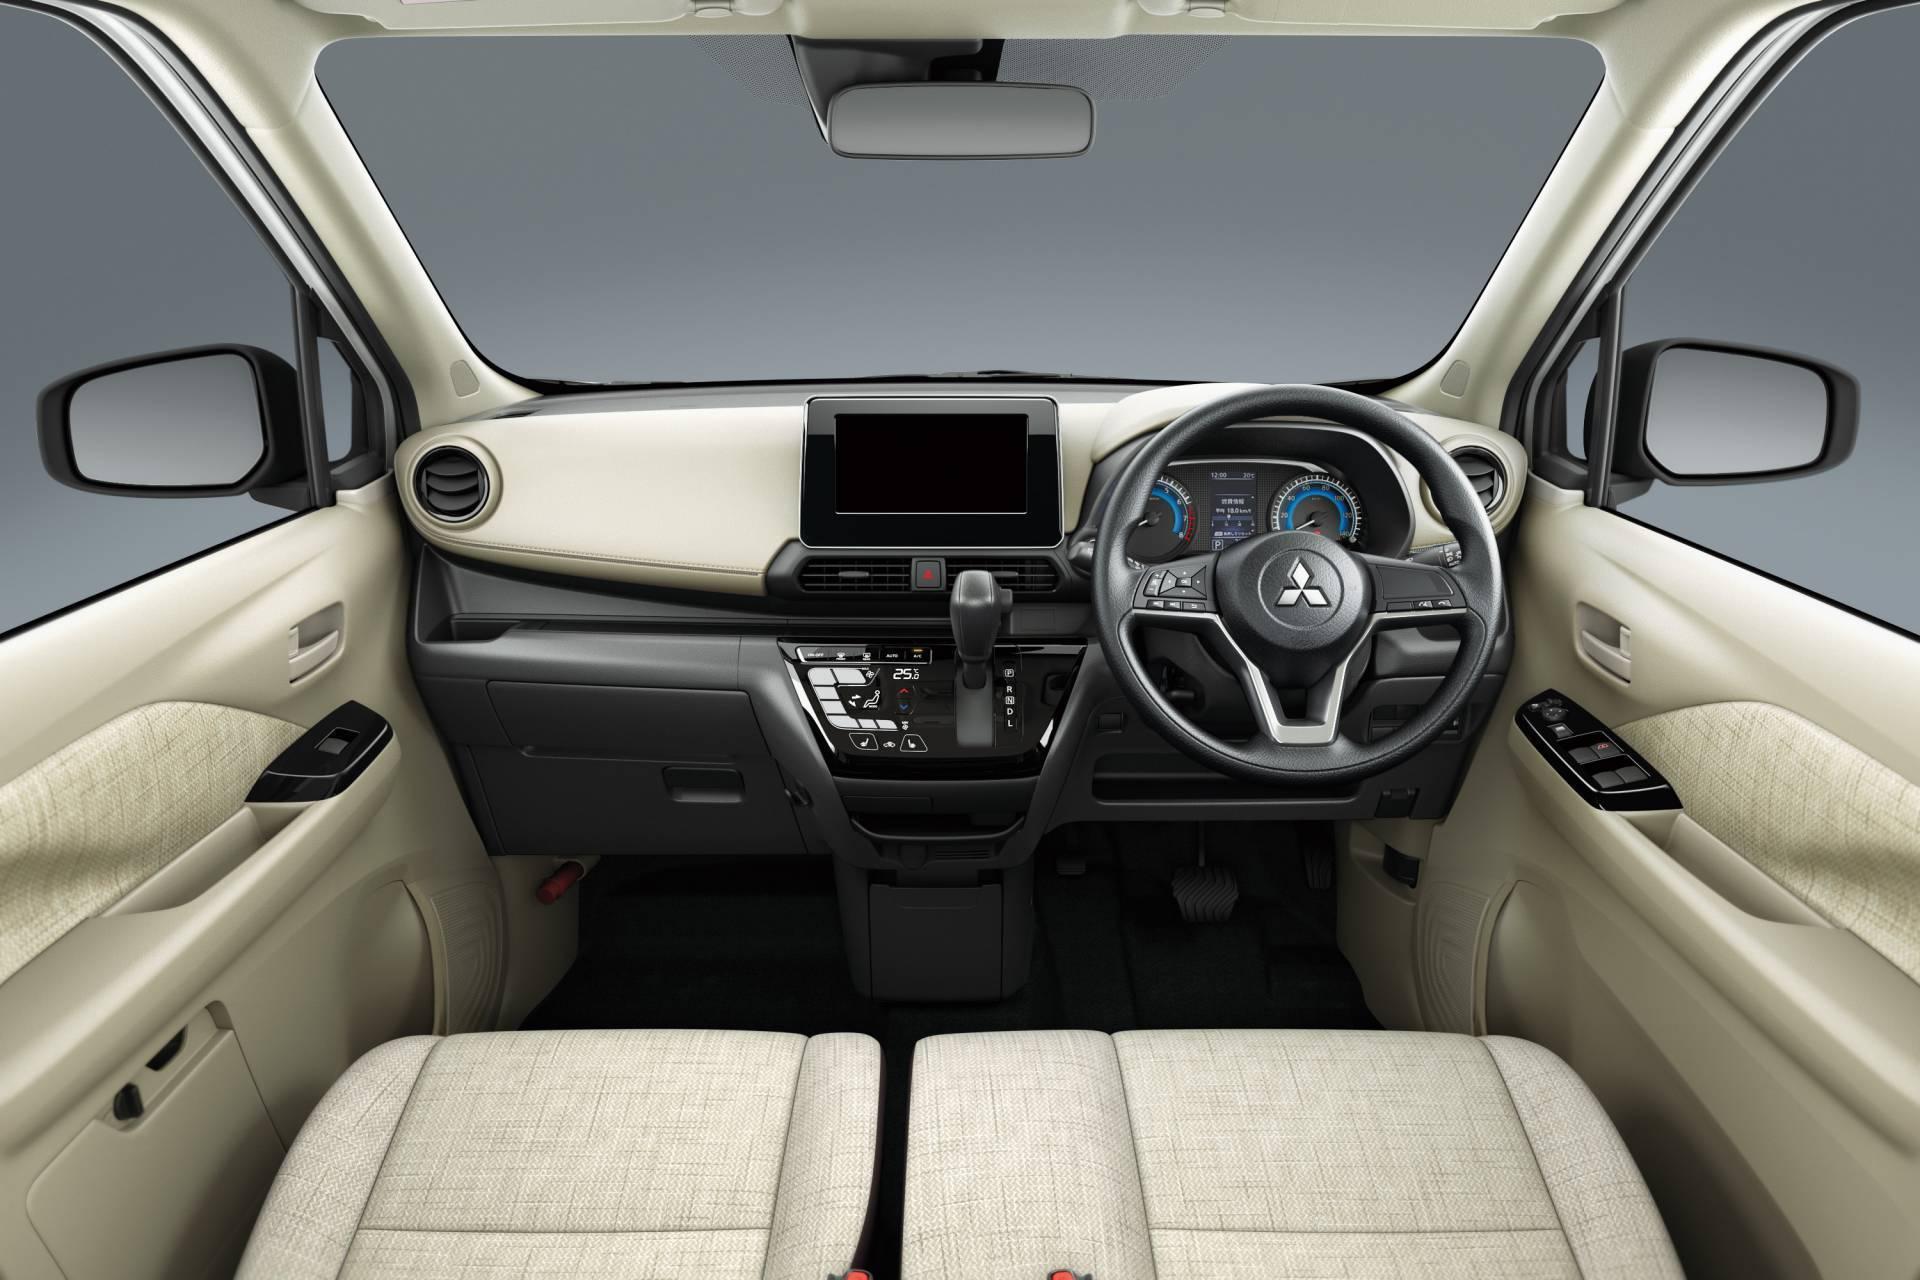 Ô tô Mitsubishi đẹp long lanh, giá 271 triệu đồng